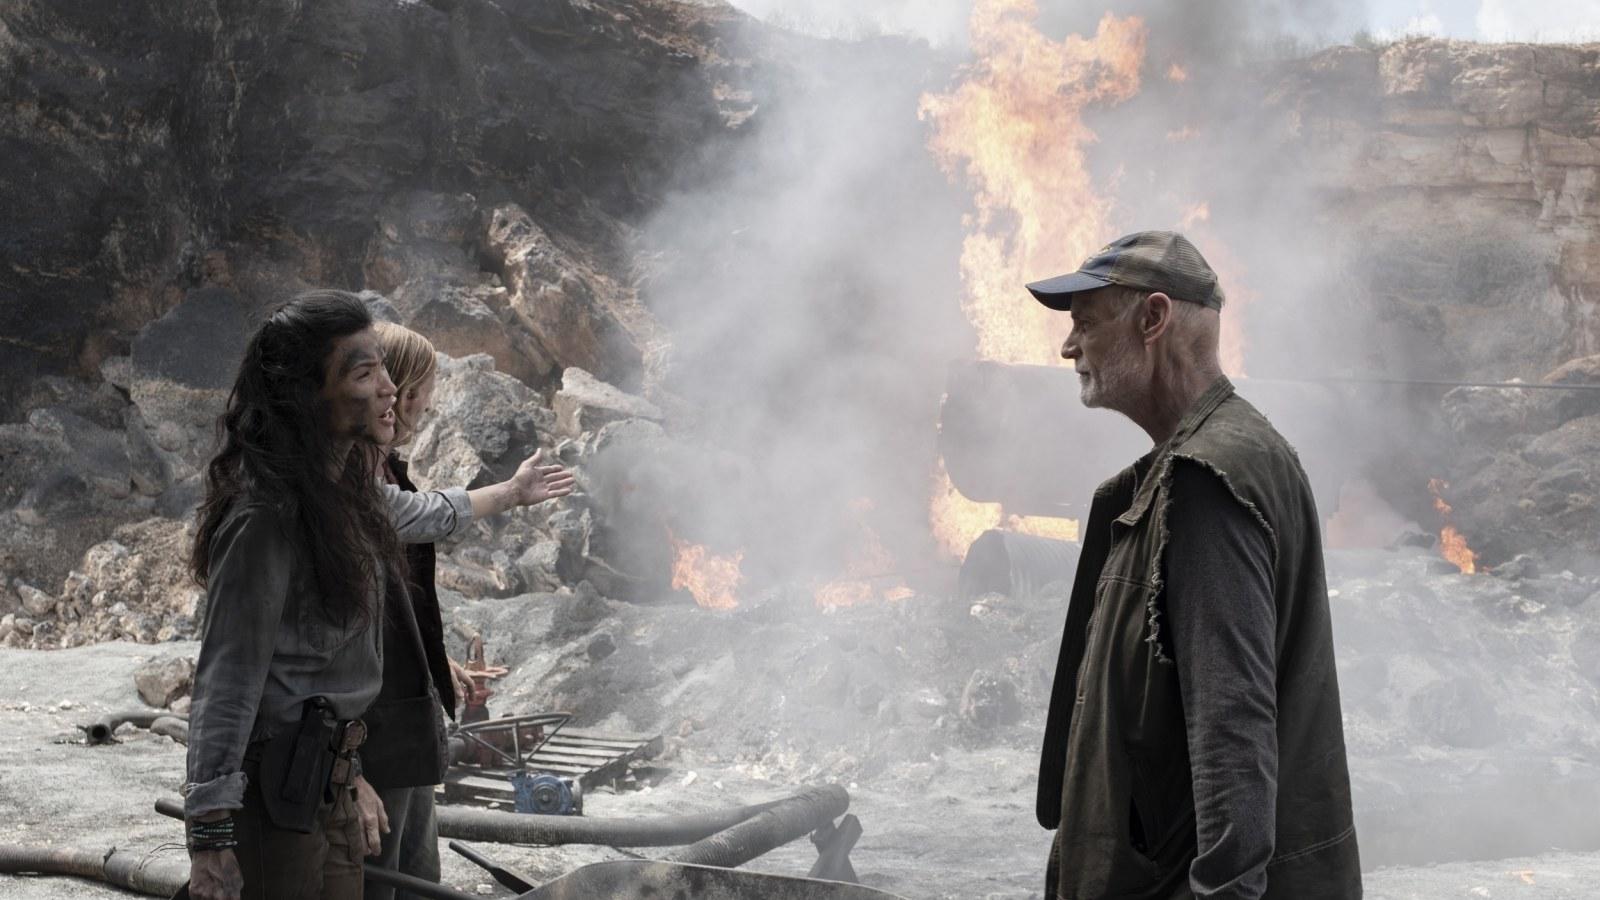 Fear The Walking Dead' Season 5 Episode 13 Spoilers: Big